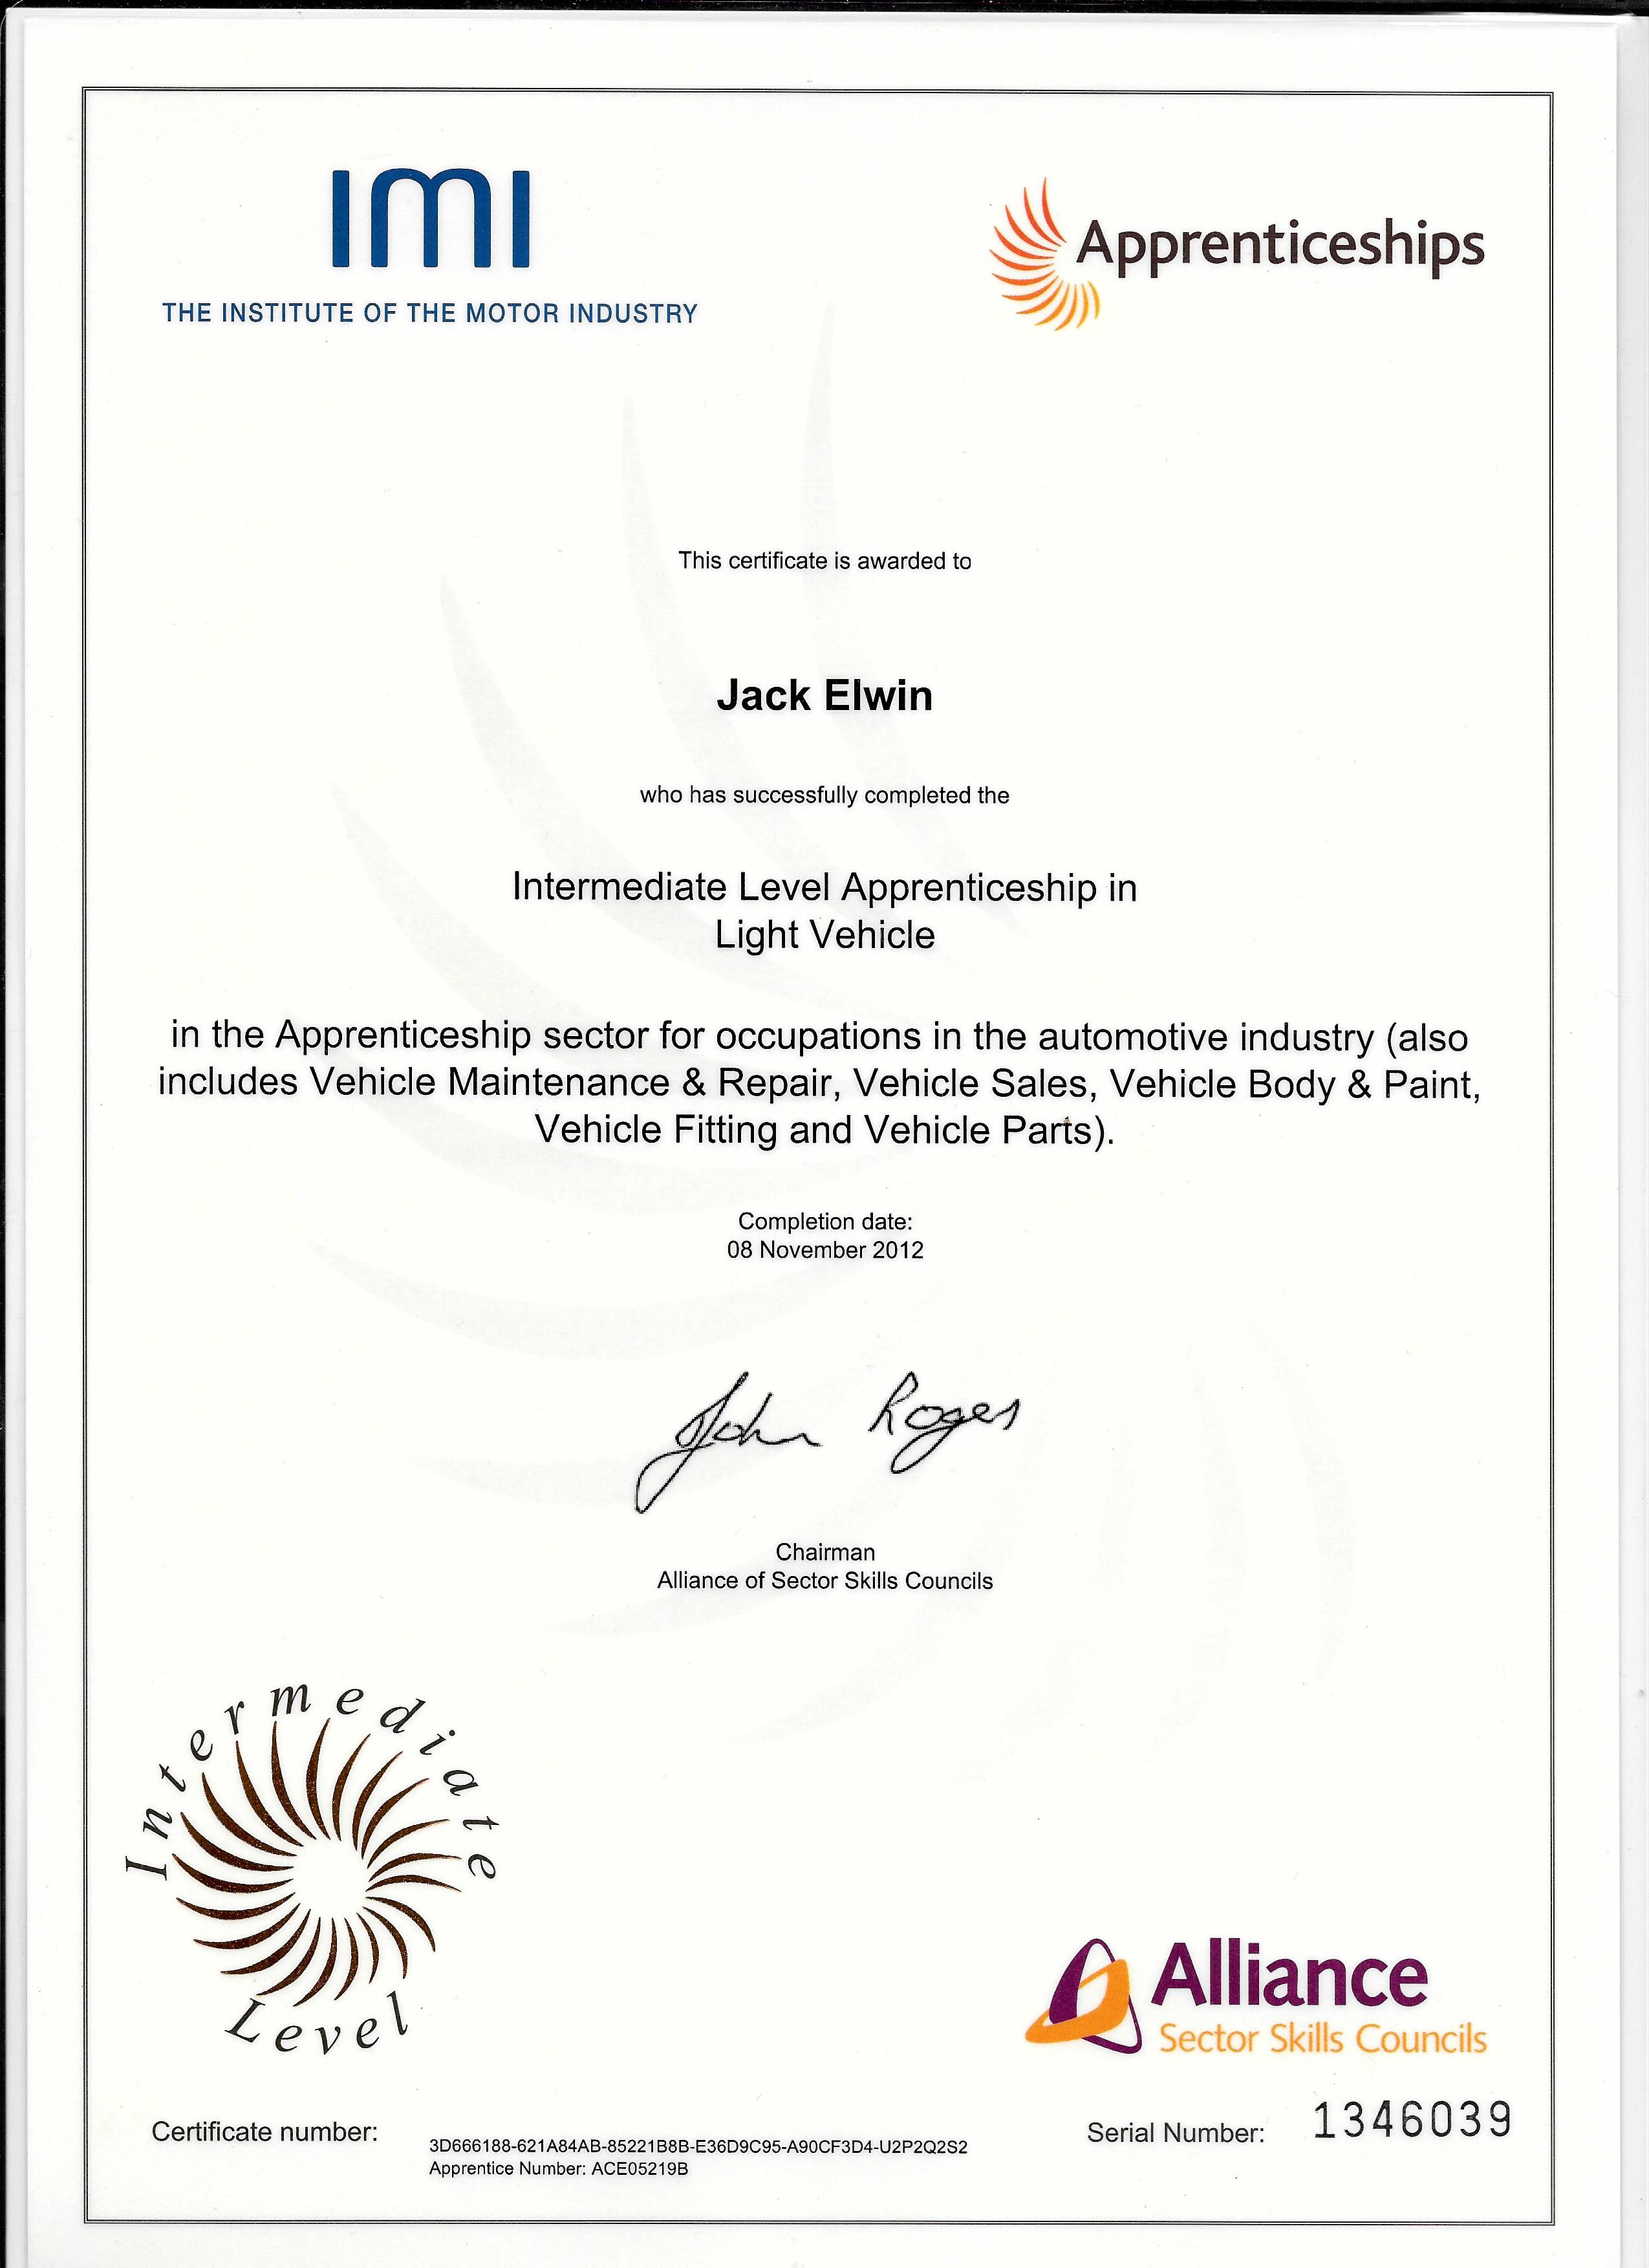 intermidiate certificate